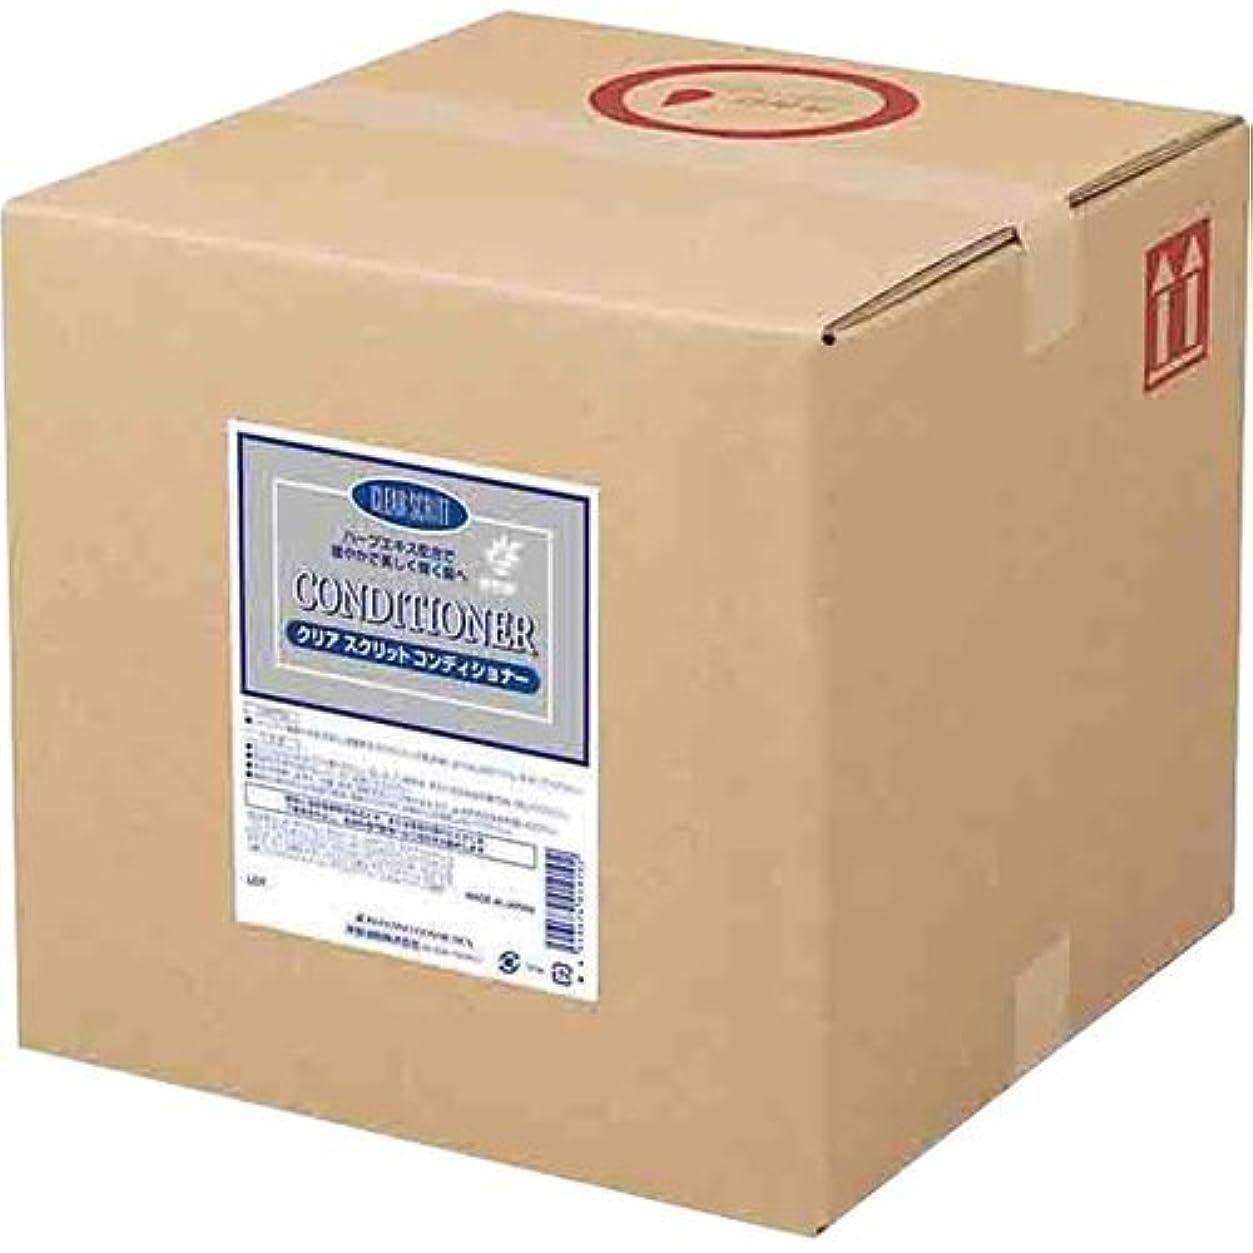 能力ハンドブックこっそり熊野油脂 業務用 クリアスクリット コンディショナー 18L